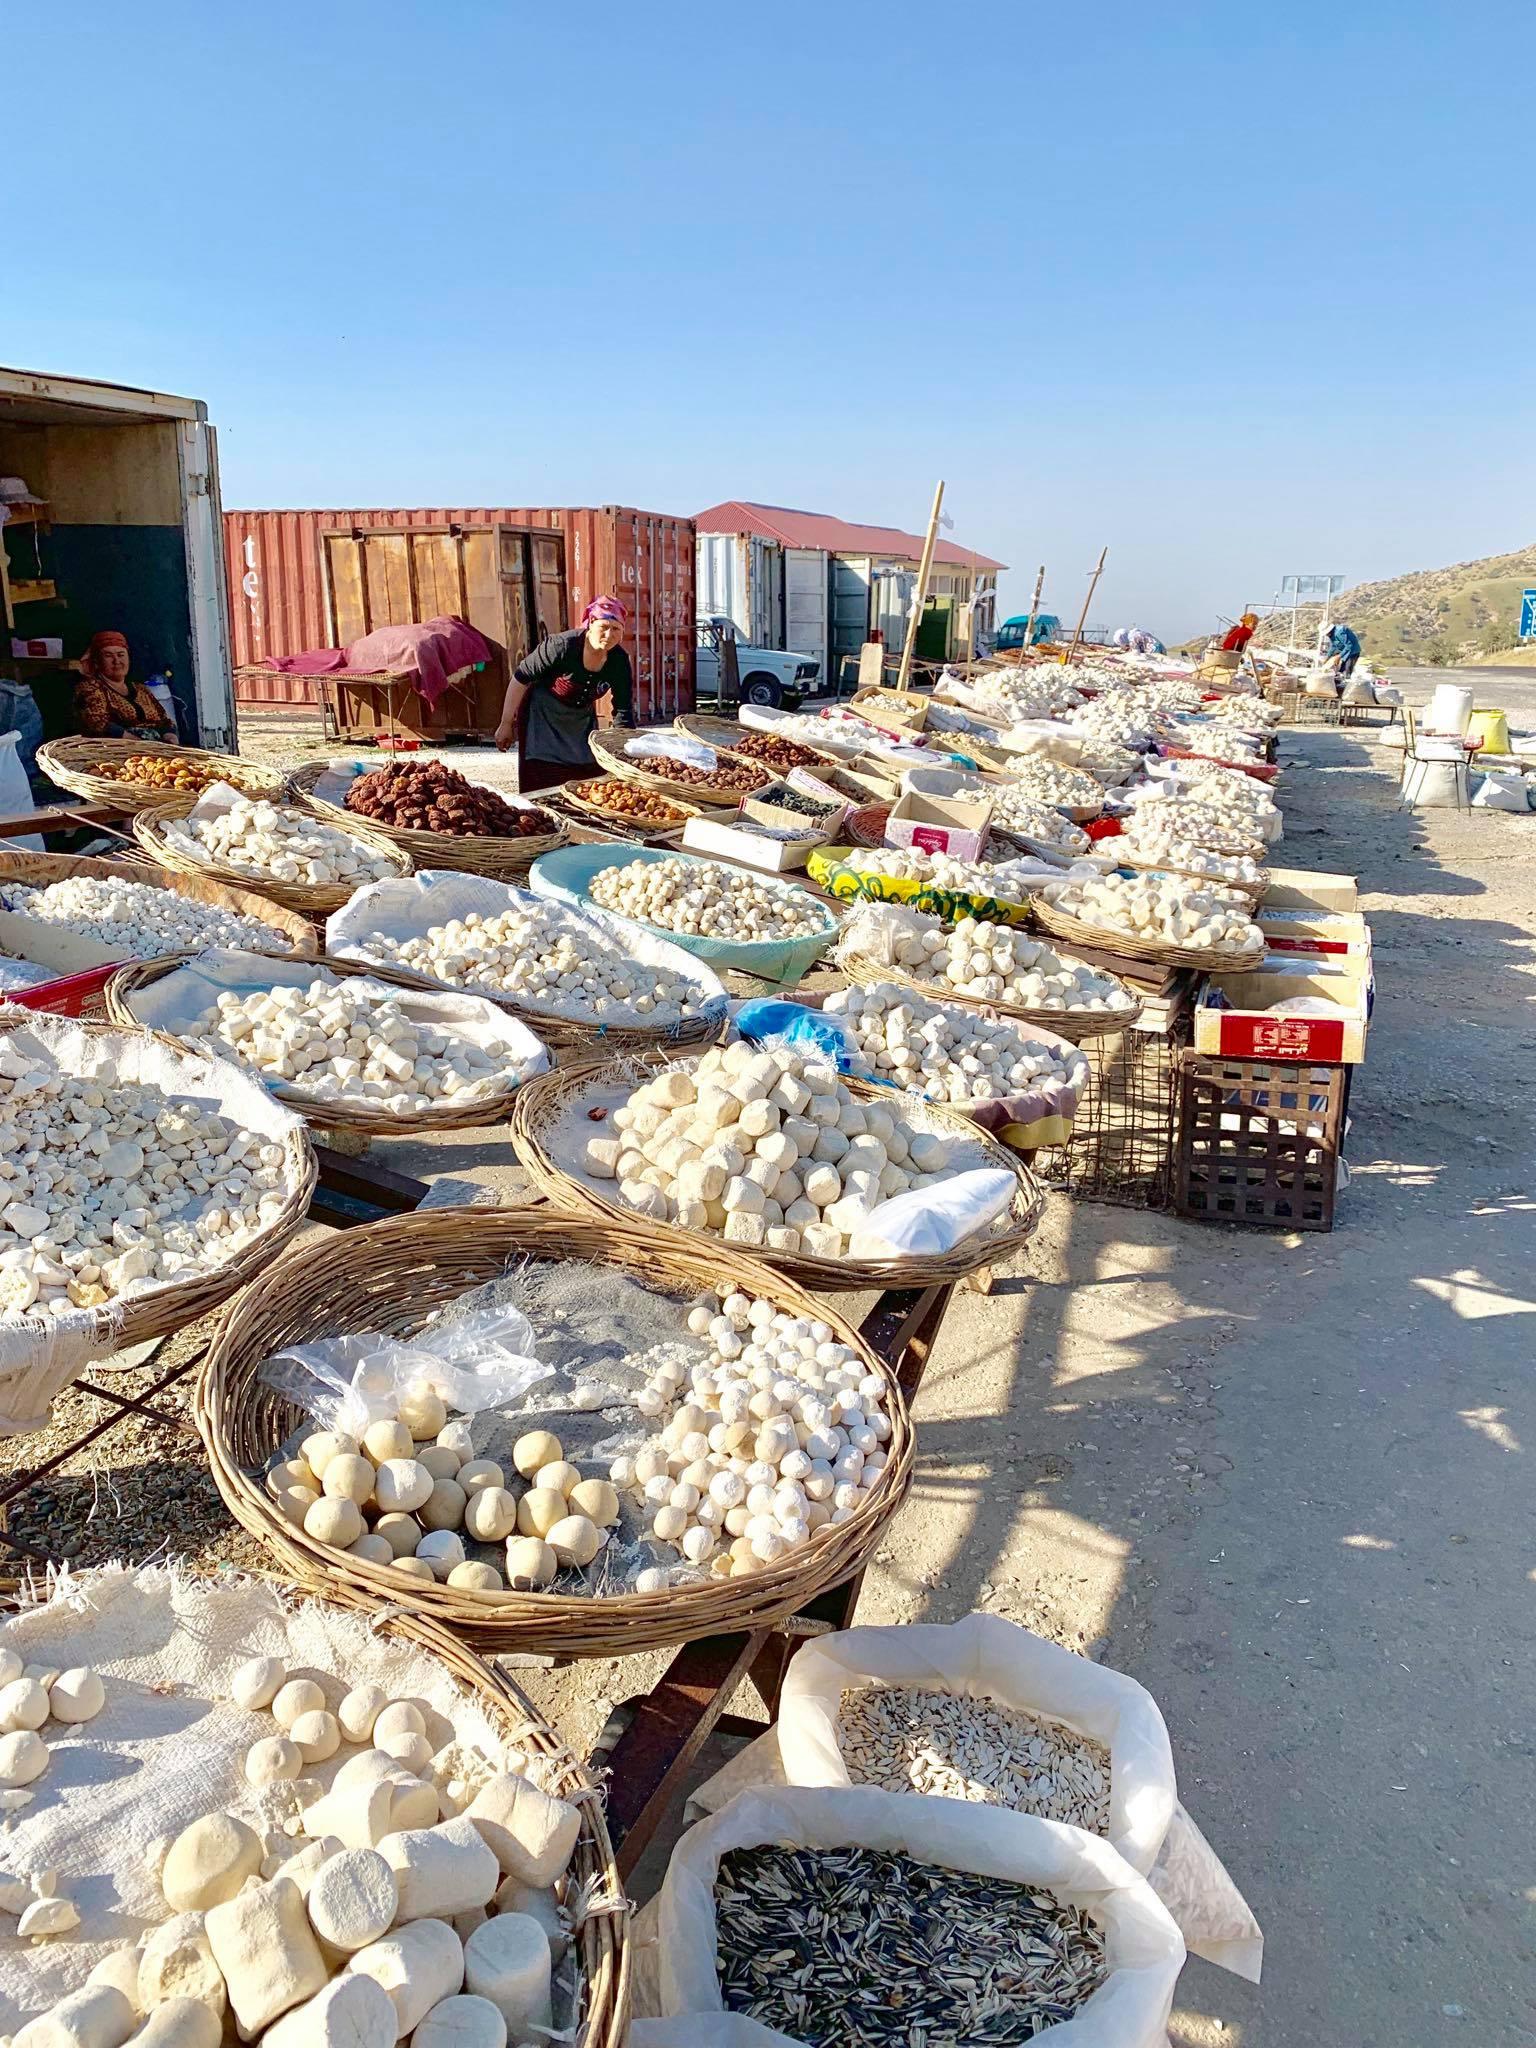 Kach Solo Travels in 2019 Last stop in Uzbekistan22.jpg